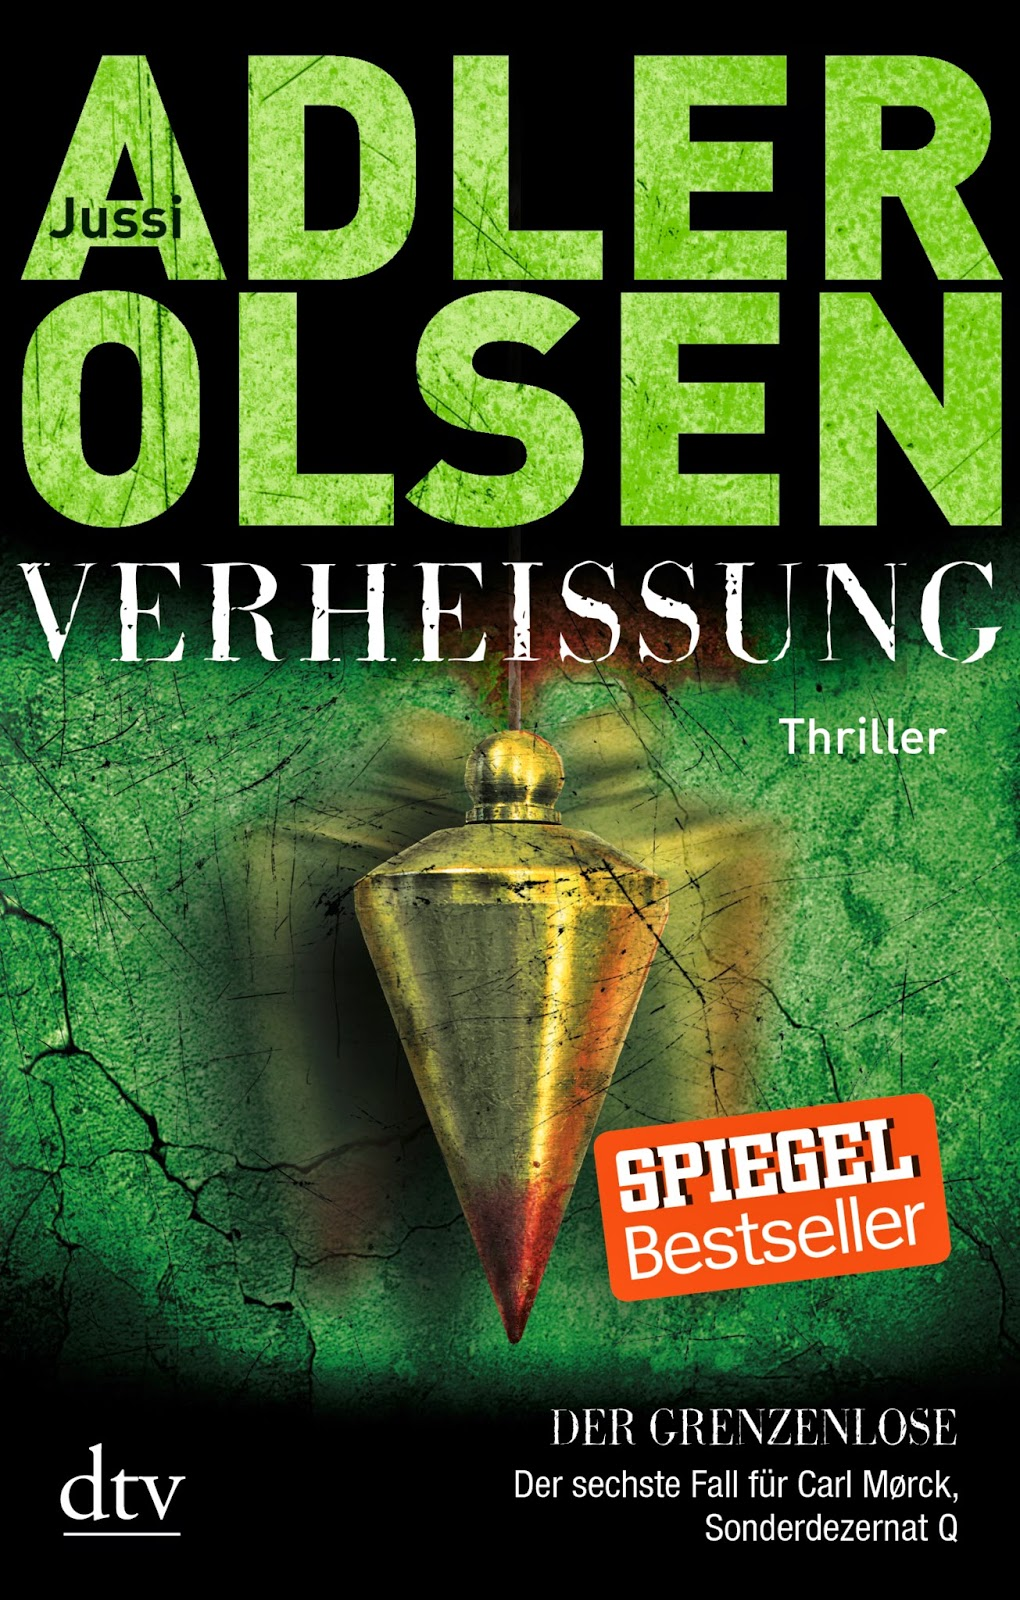 http://lasszeilensprechen.blogspot.com/2015/04/verheissung-jussi-adler-olsen.html